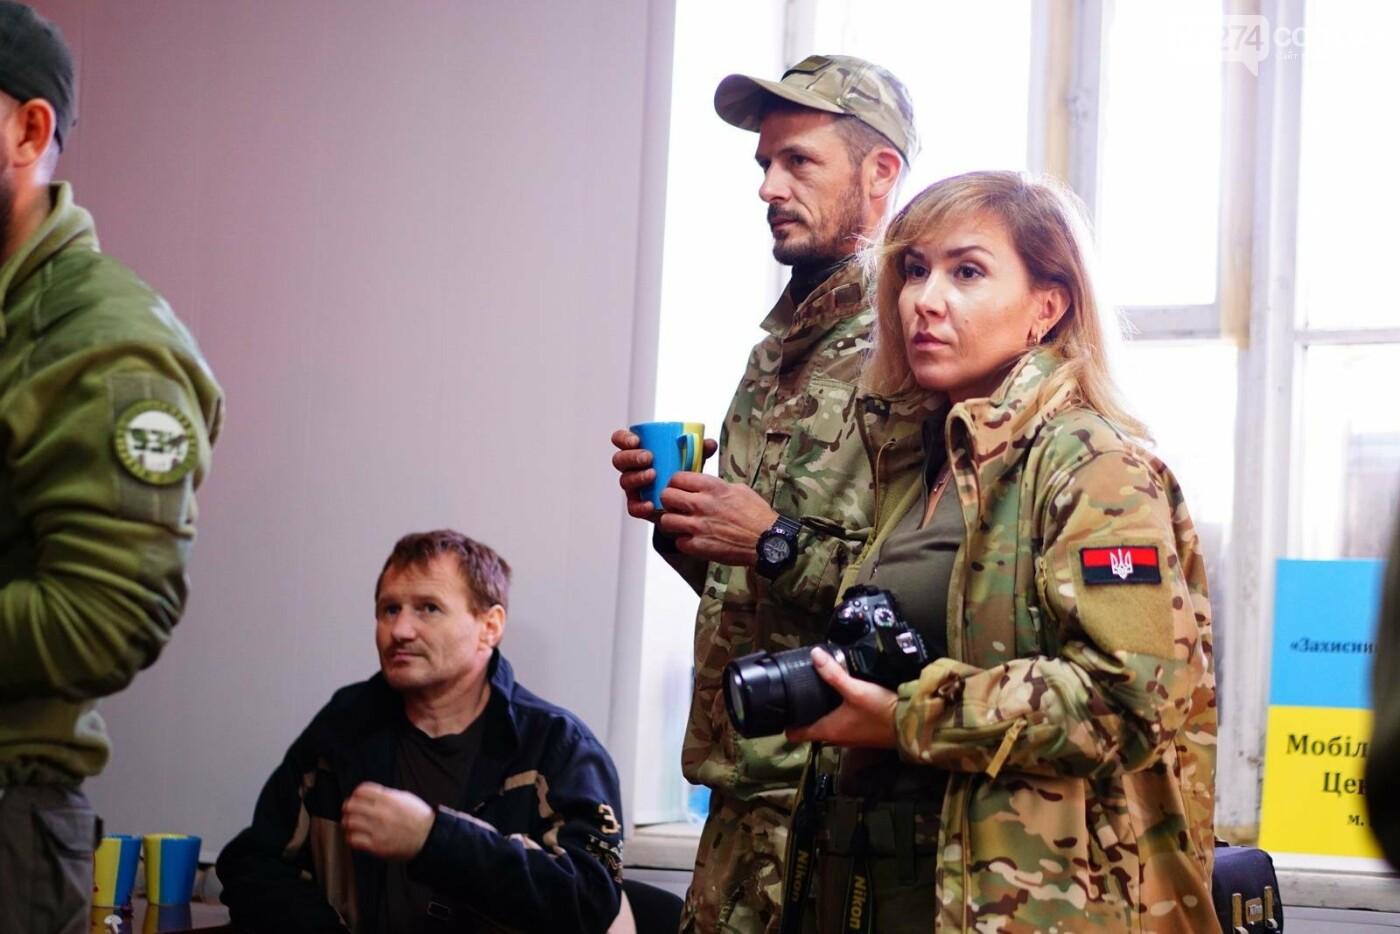 В Бахмуте открыли мобилизационный центр для добровольцев, фото-6